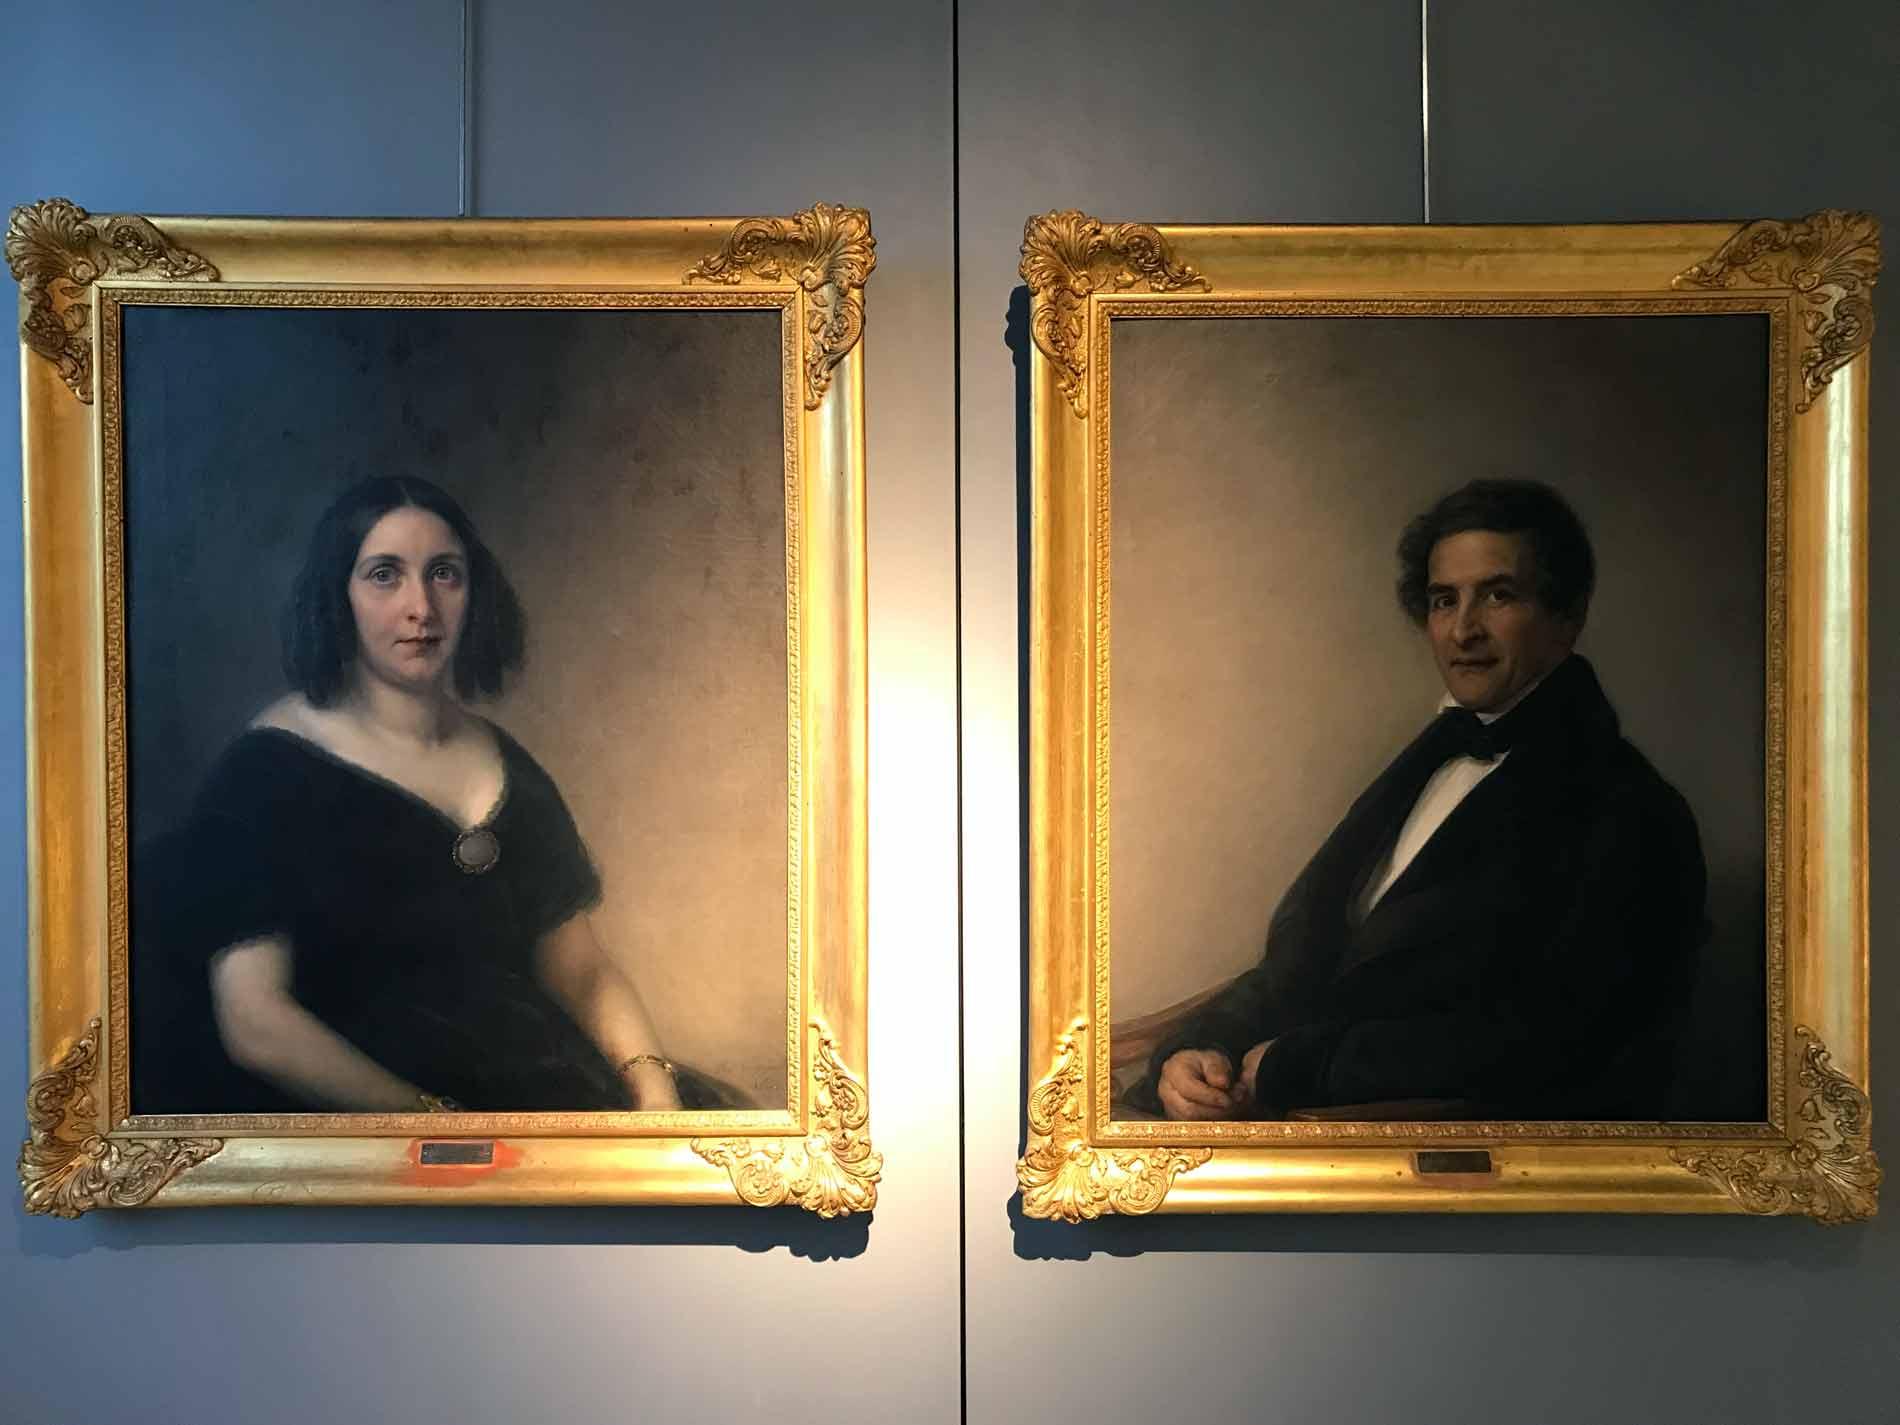 Museo-civico-ala-ponzone-cremona-il-Piccio-coppia-dipinti